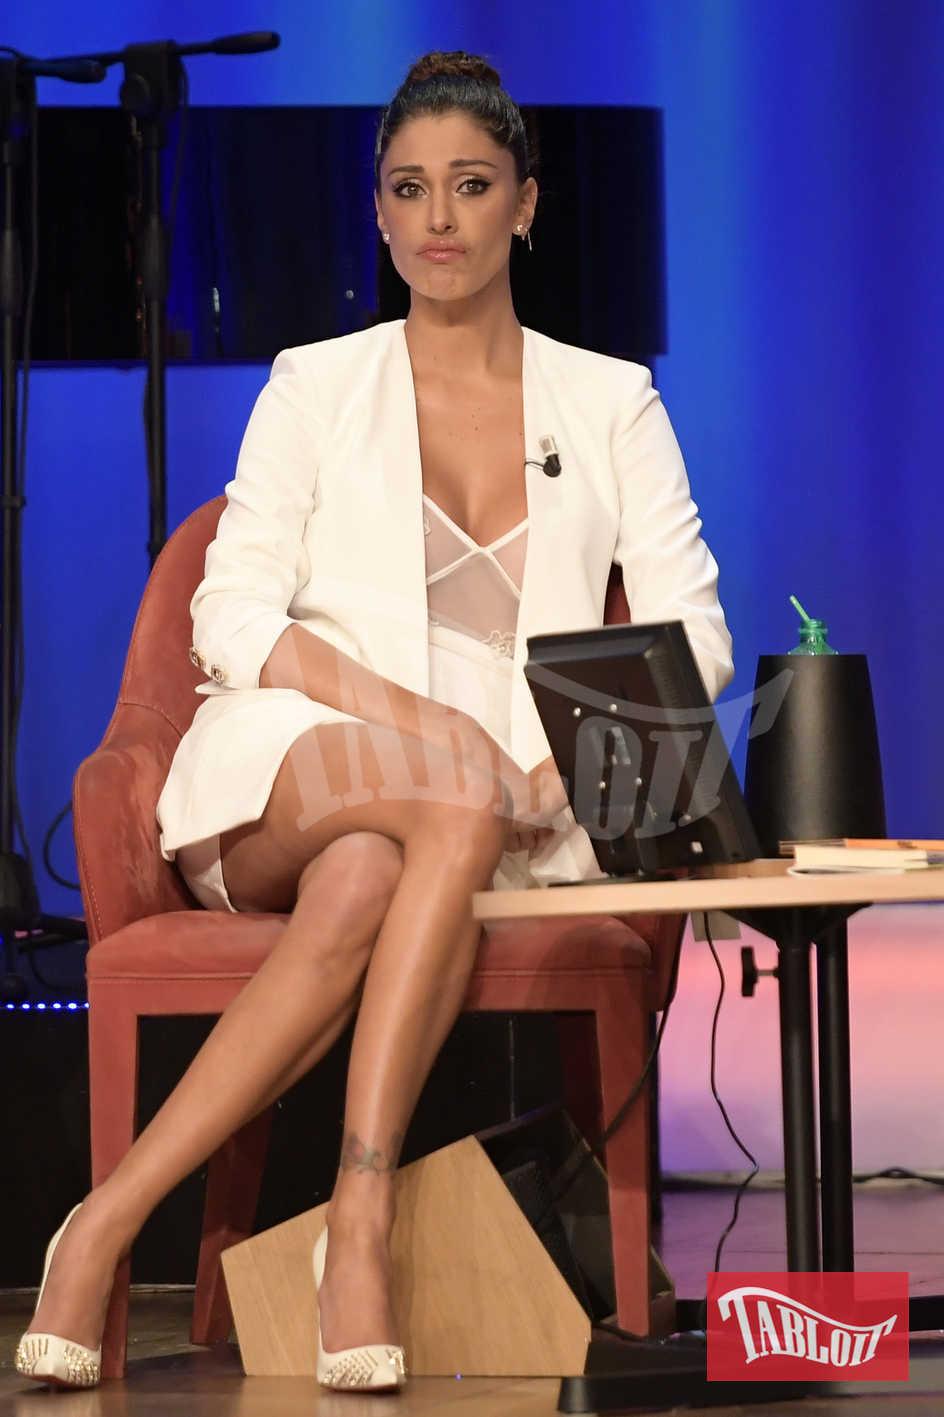 Niente da fare per Belen Rodriguez: la showgirl argentina non ha convinto i vertici di Mediaset. Evidentemente serve ancora un po' di gavetta prima di reggere il confronto con primedonne come Alessia Marcuzzi e Ilary Blasi